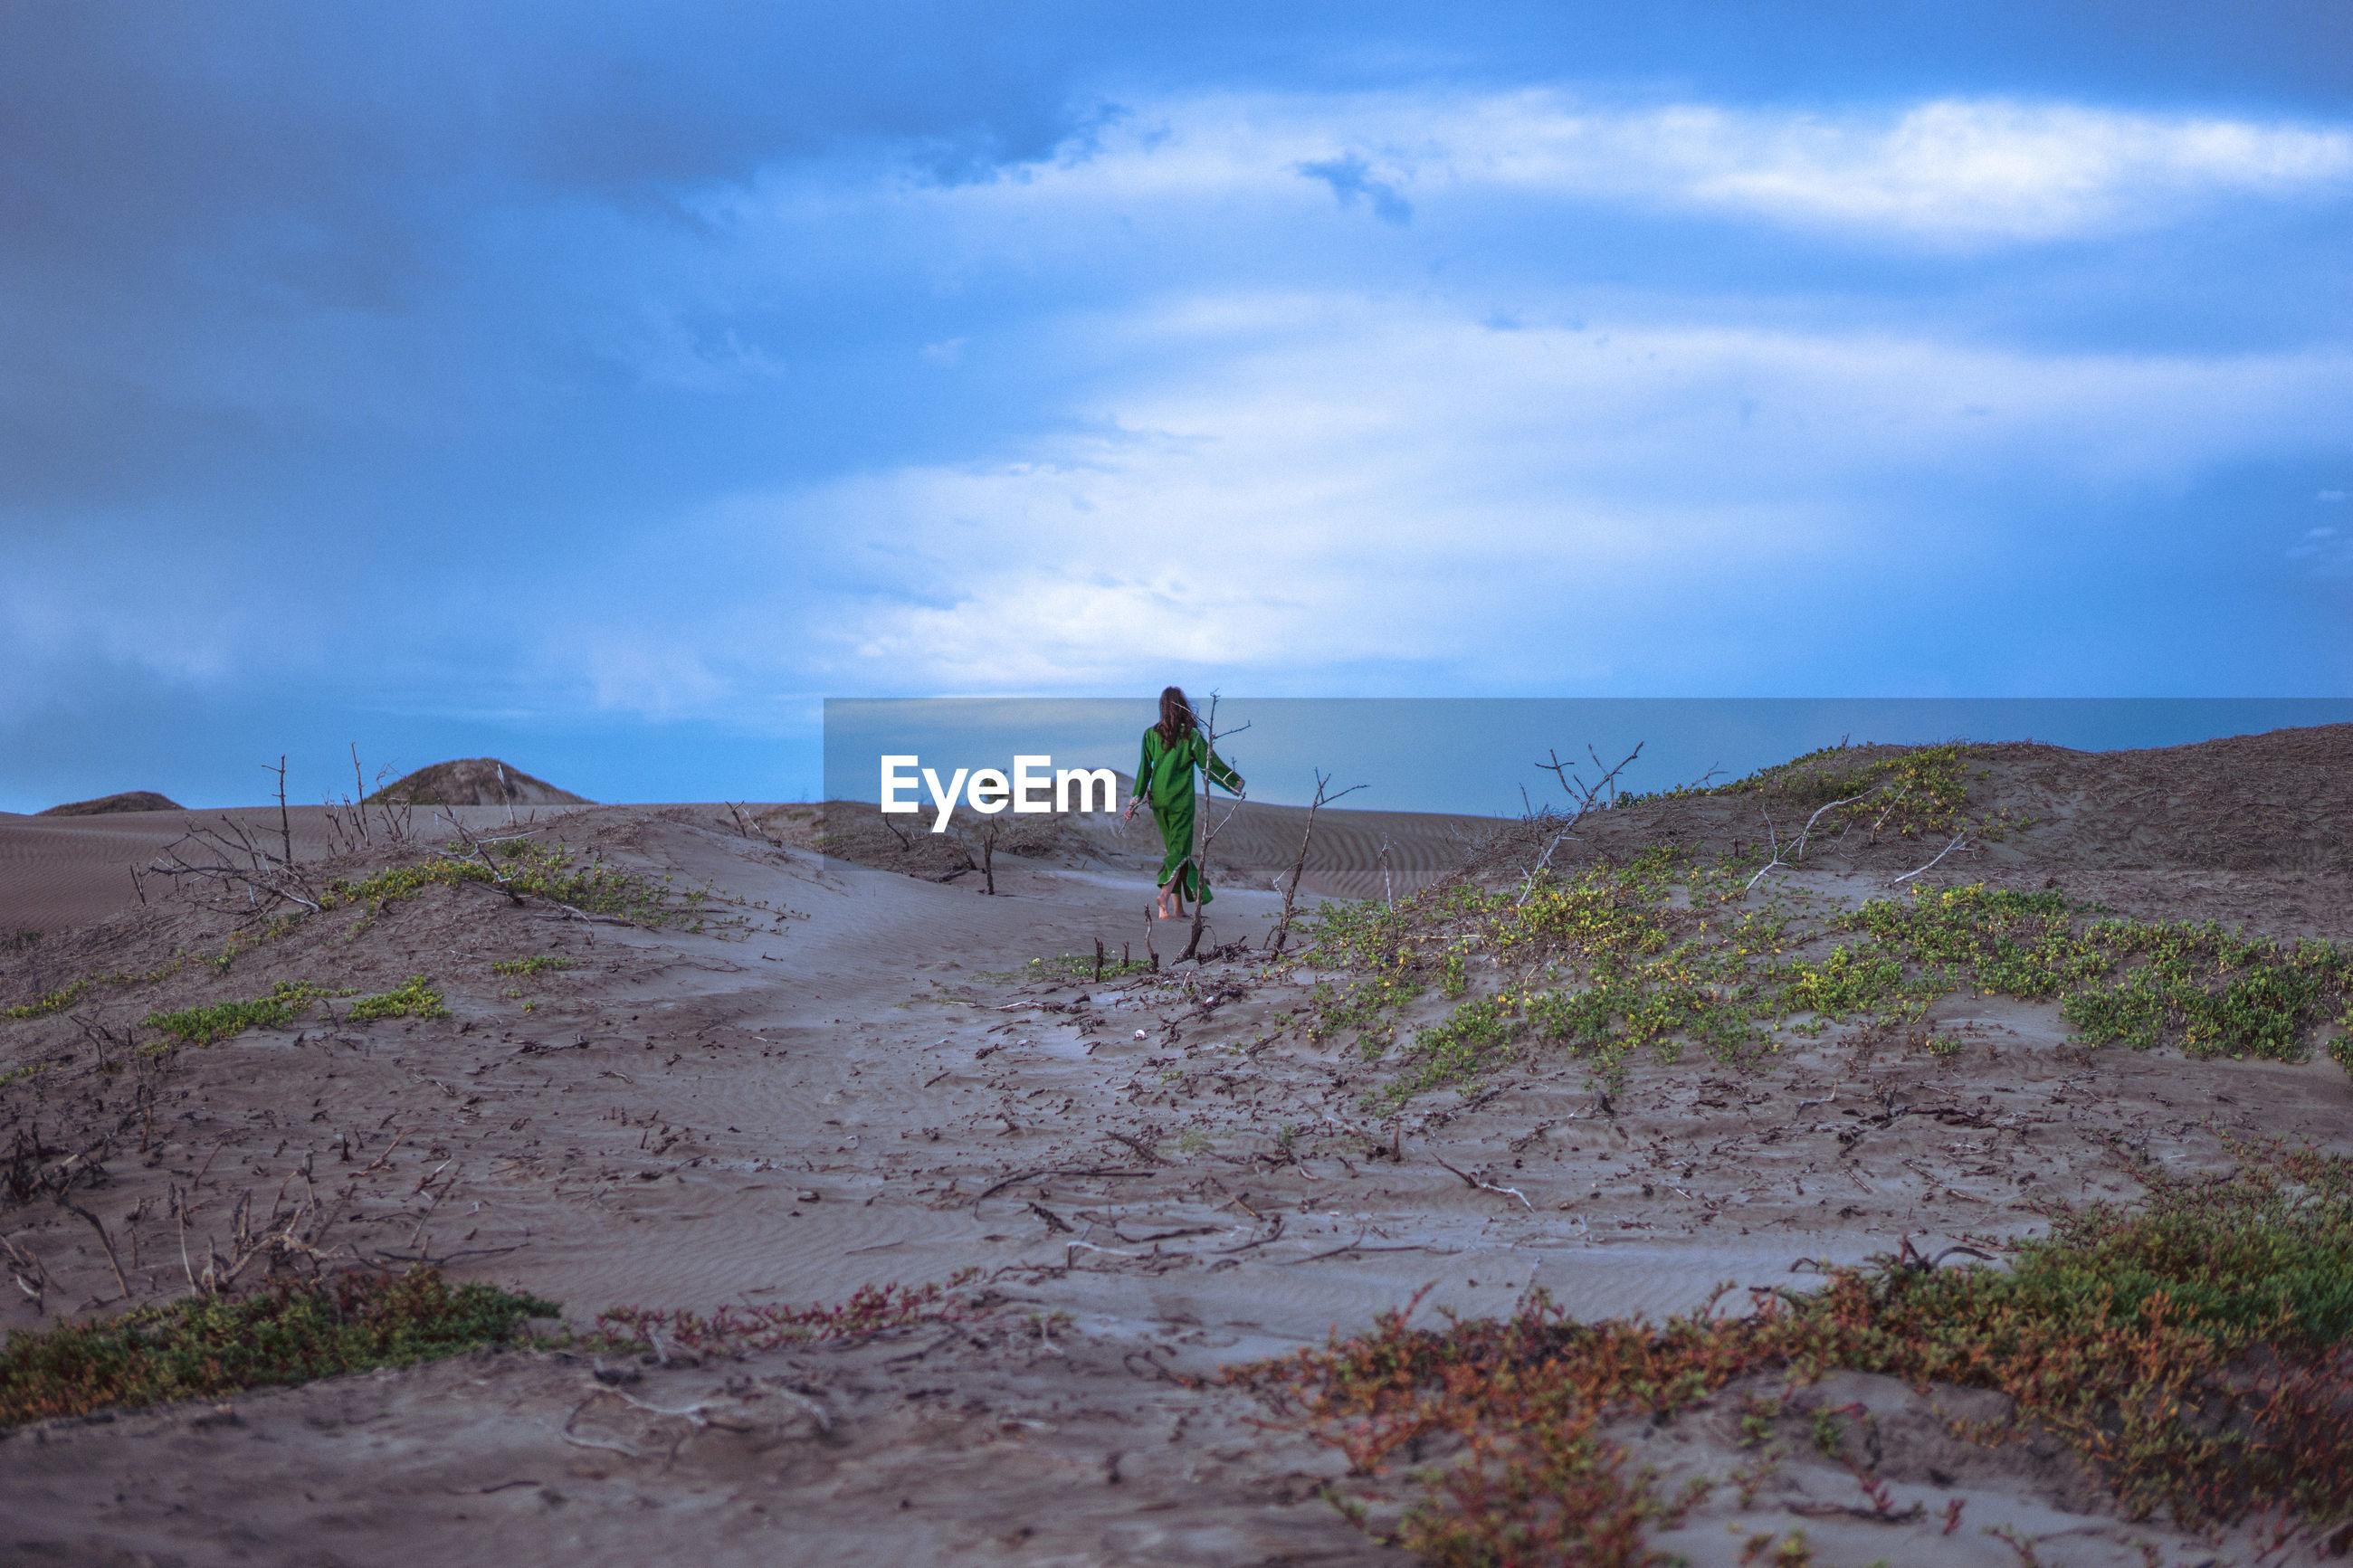 Woman walking on sand dune in desert